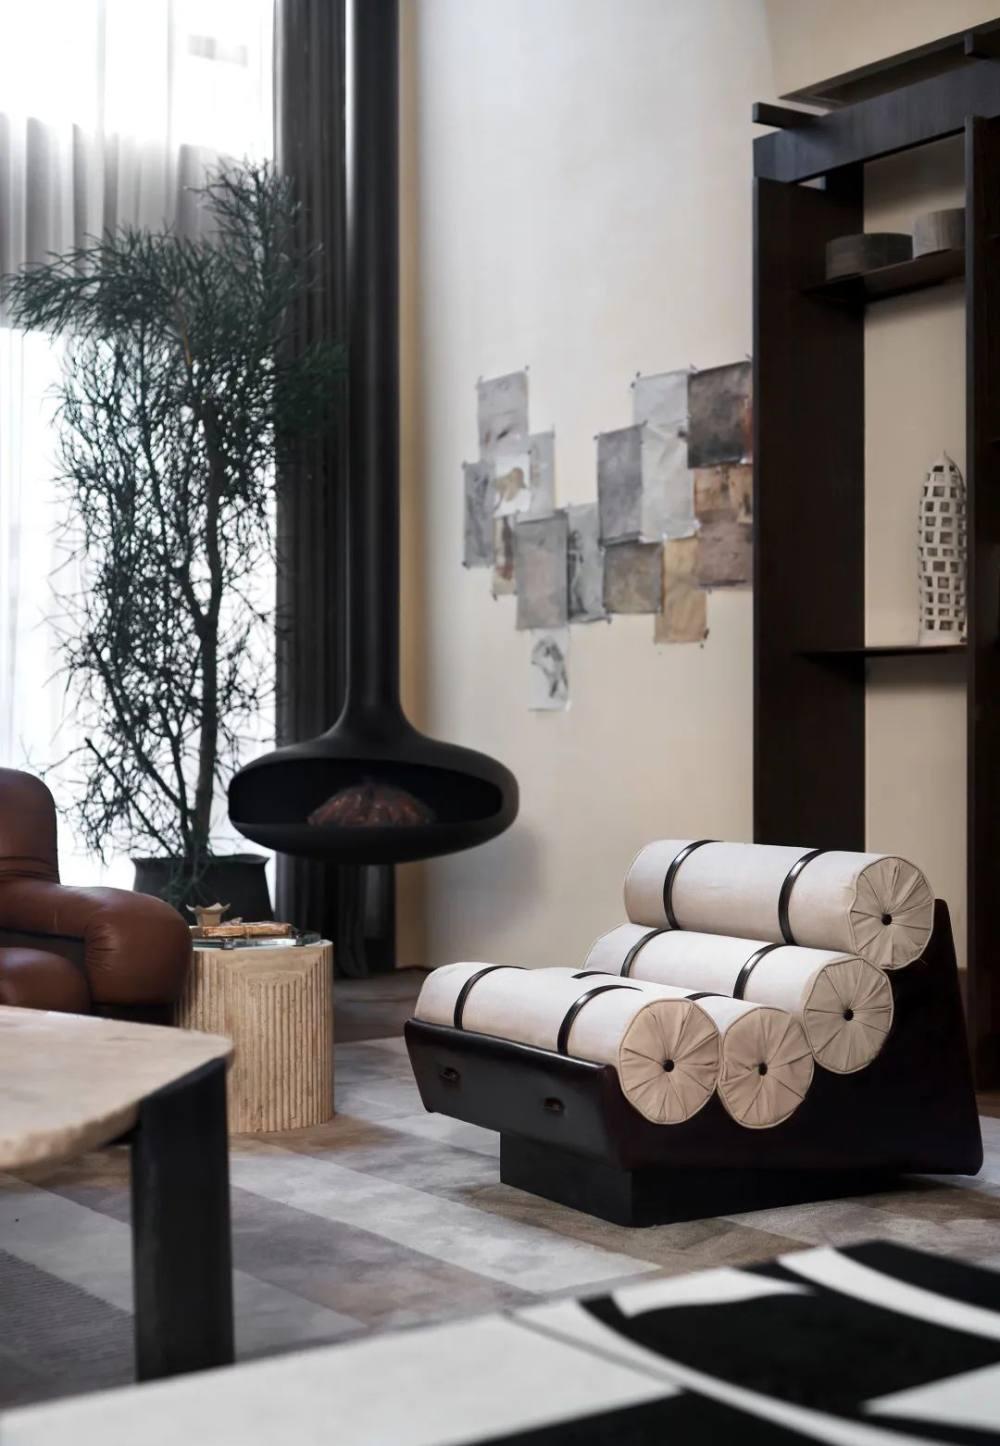 布鲁盟设计丨阳光城梵悦108:设计生活与艺术的共同体-53.jpg